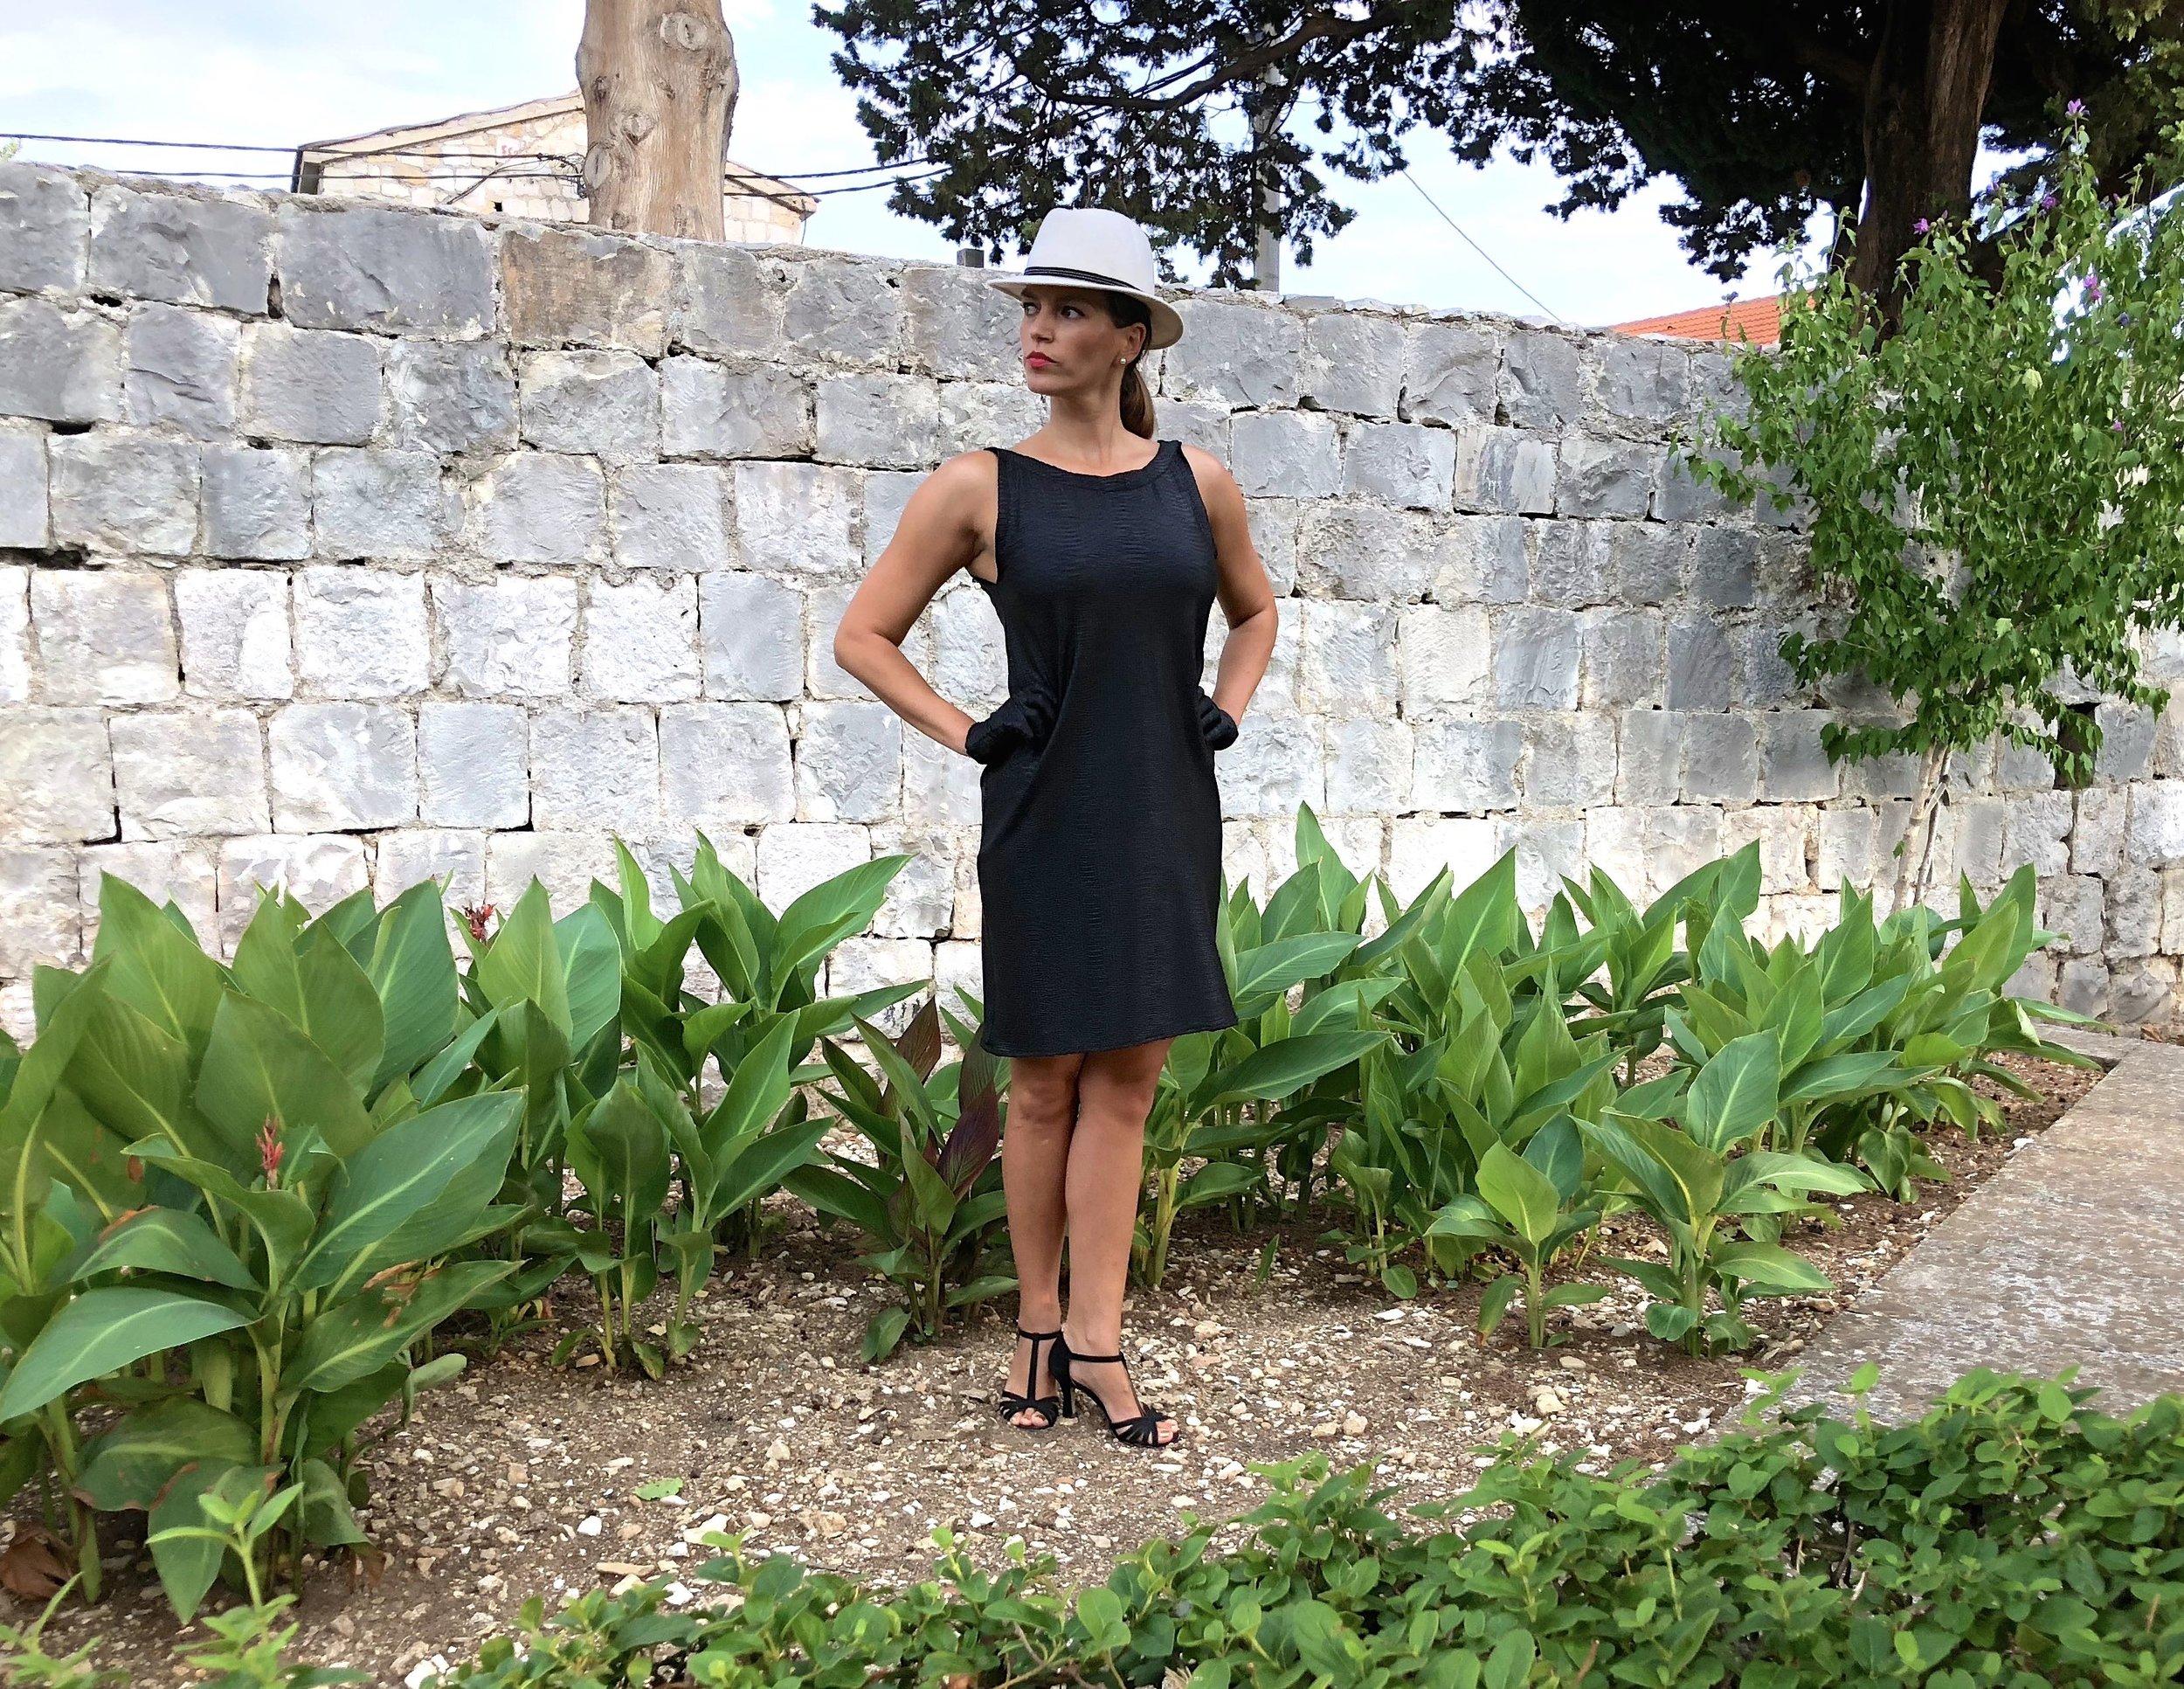 Proud to wear my Little Black Dress